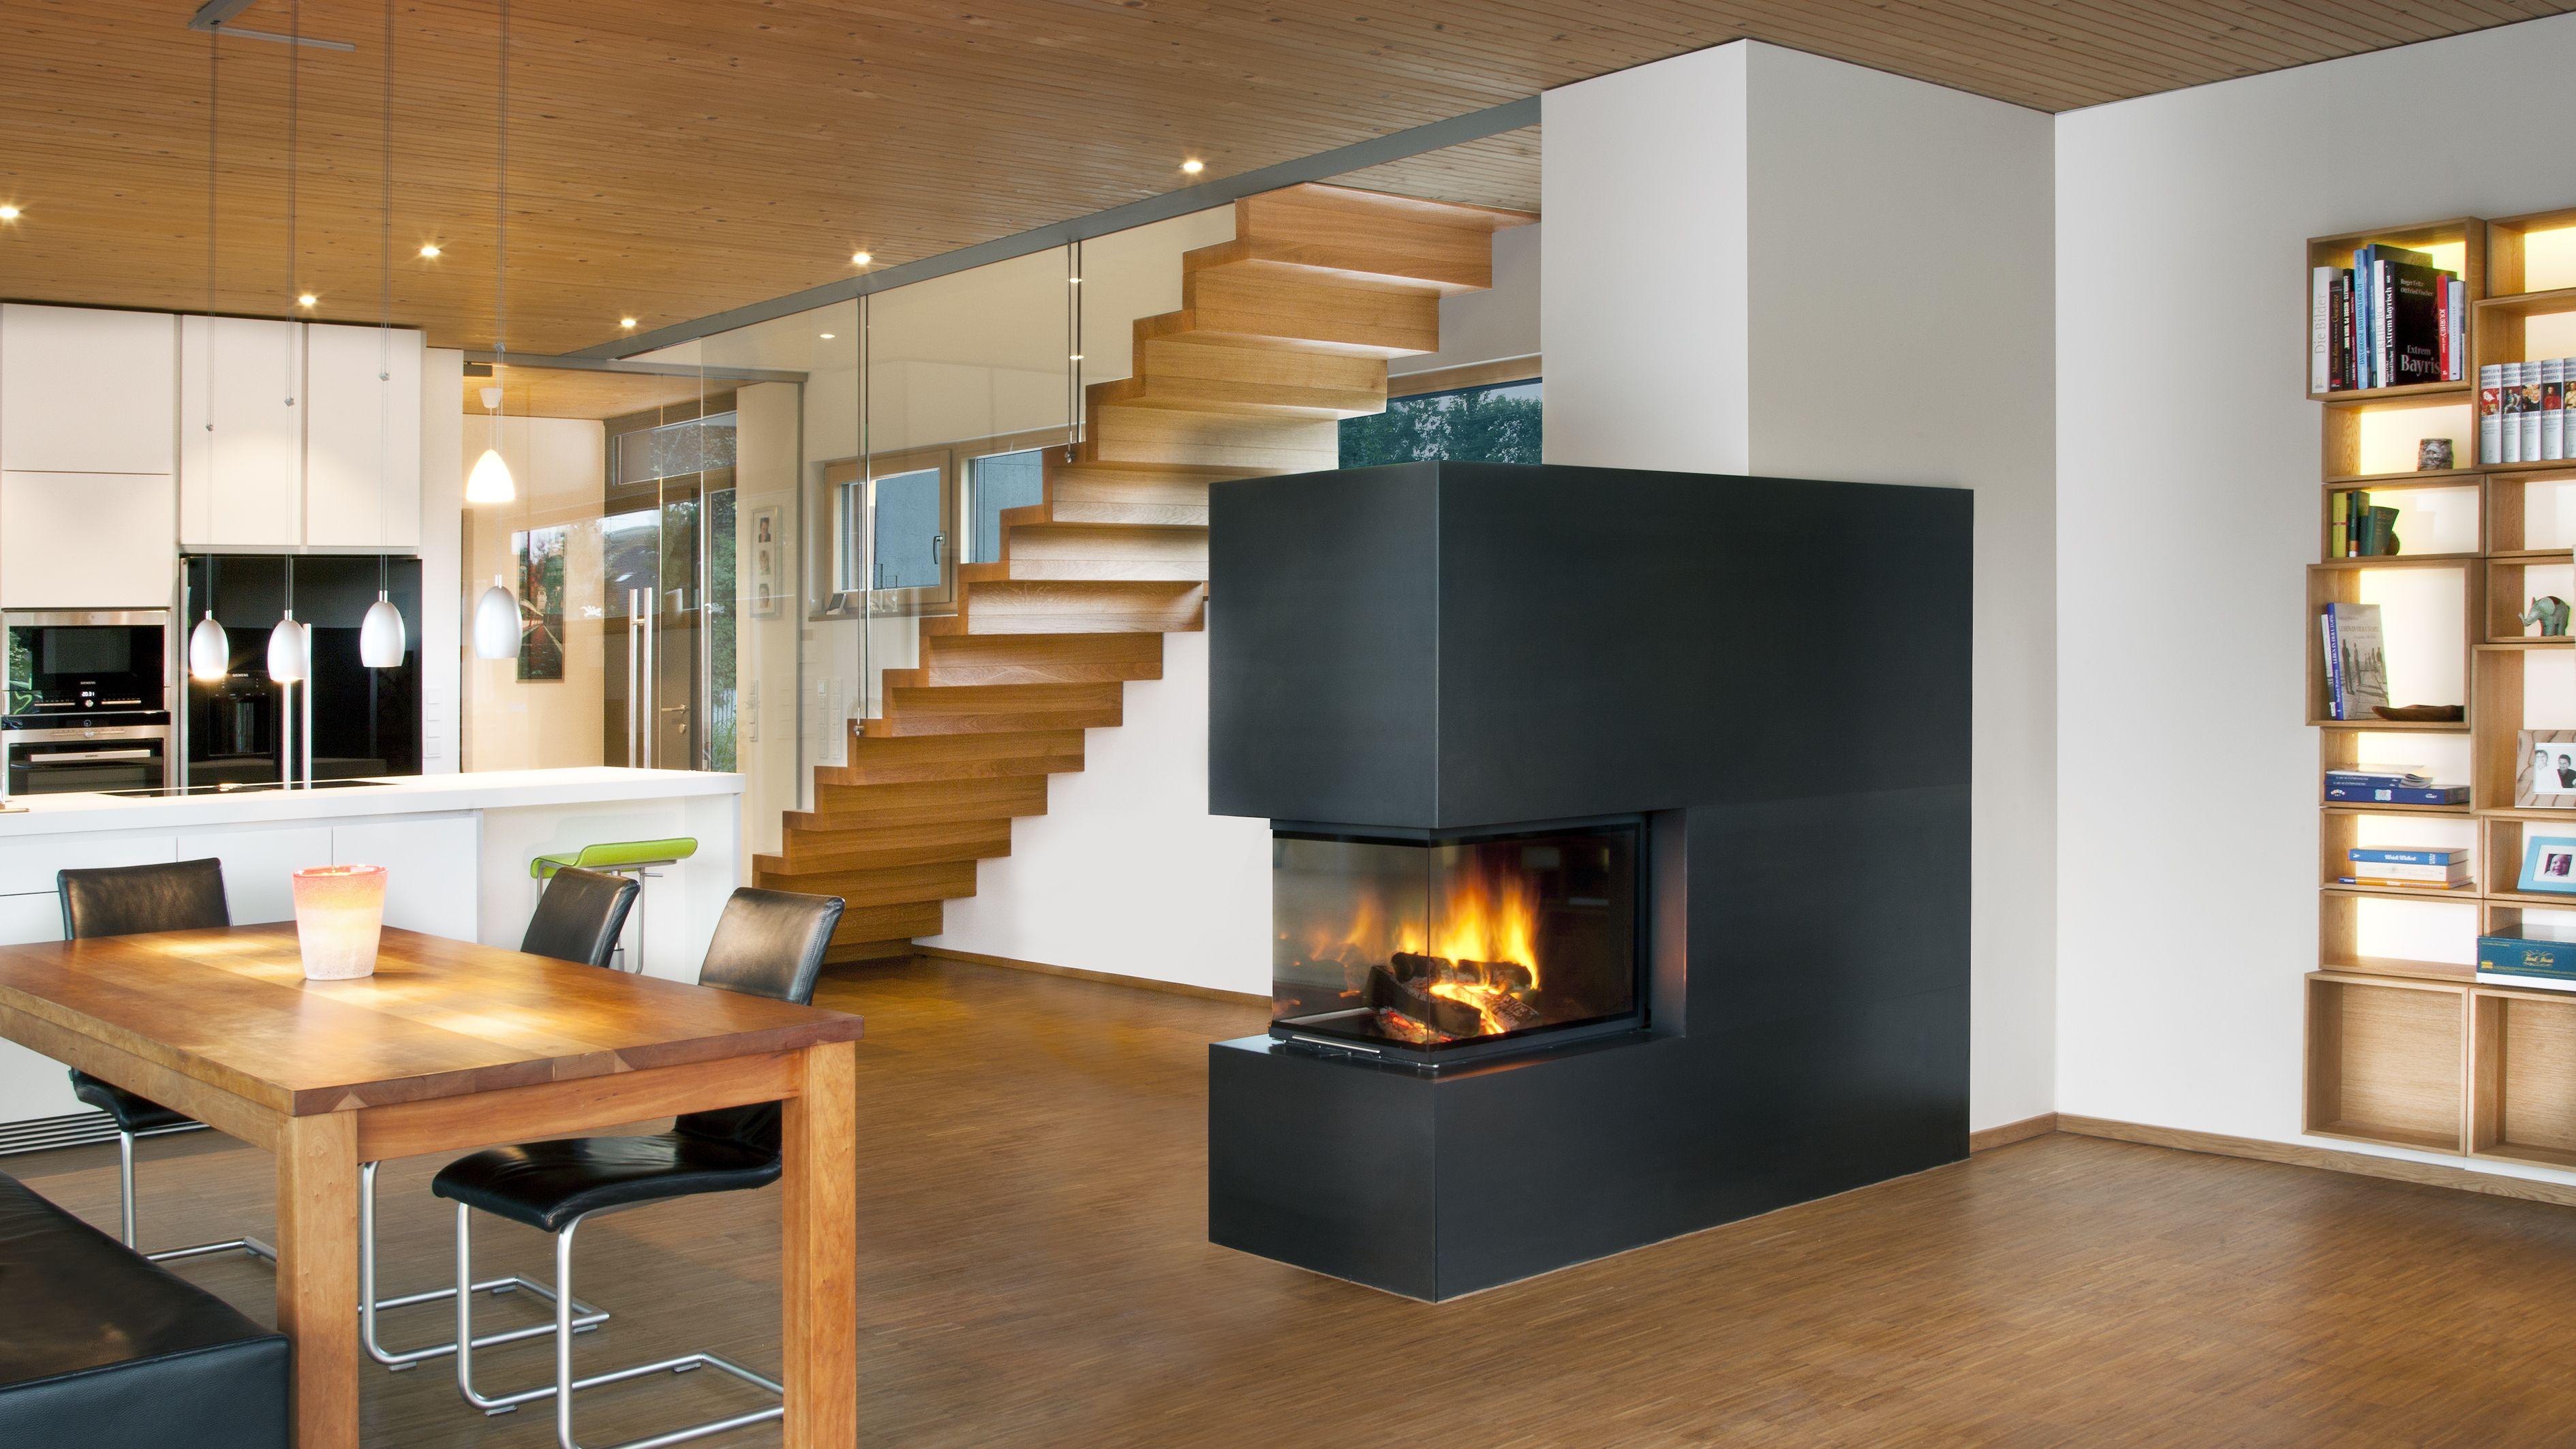 Doppelflügeltür wohnzimmer ~ Wohnzimmer mit kamin modern home fire places